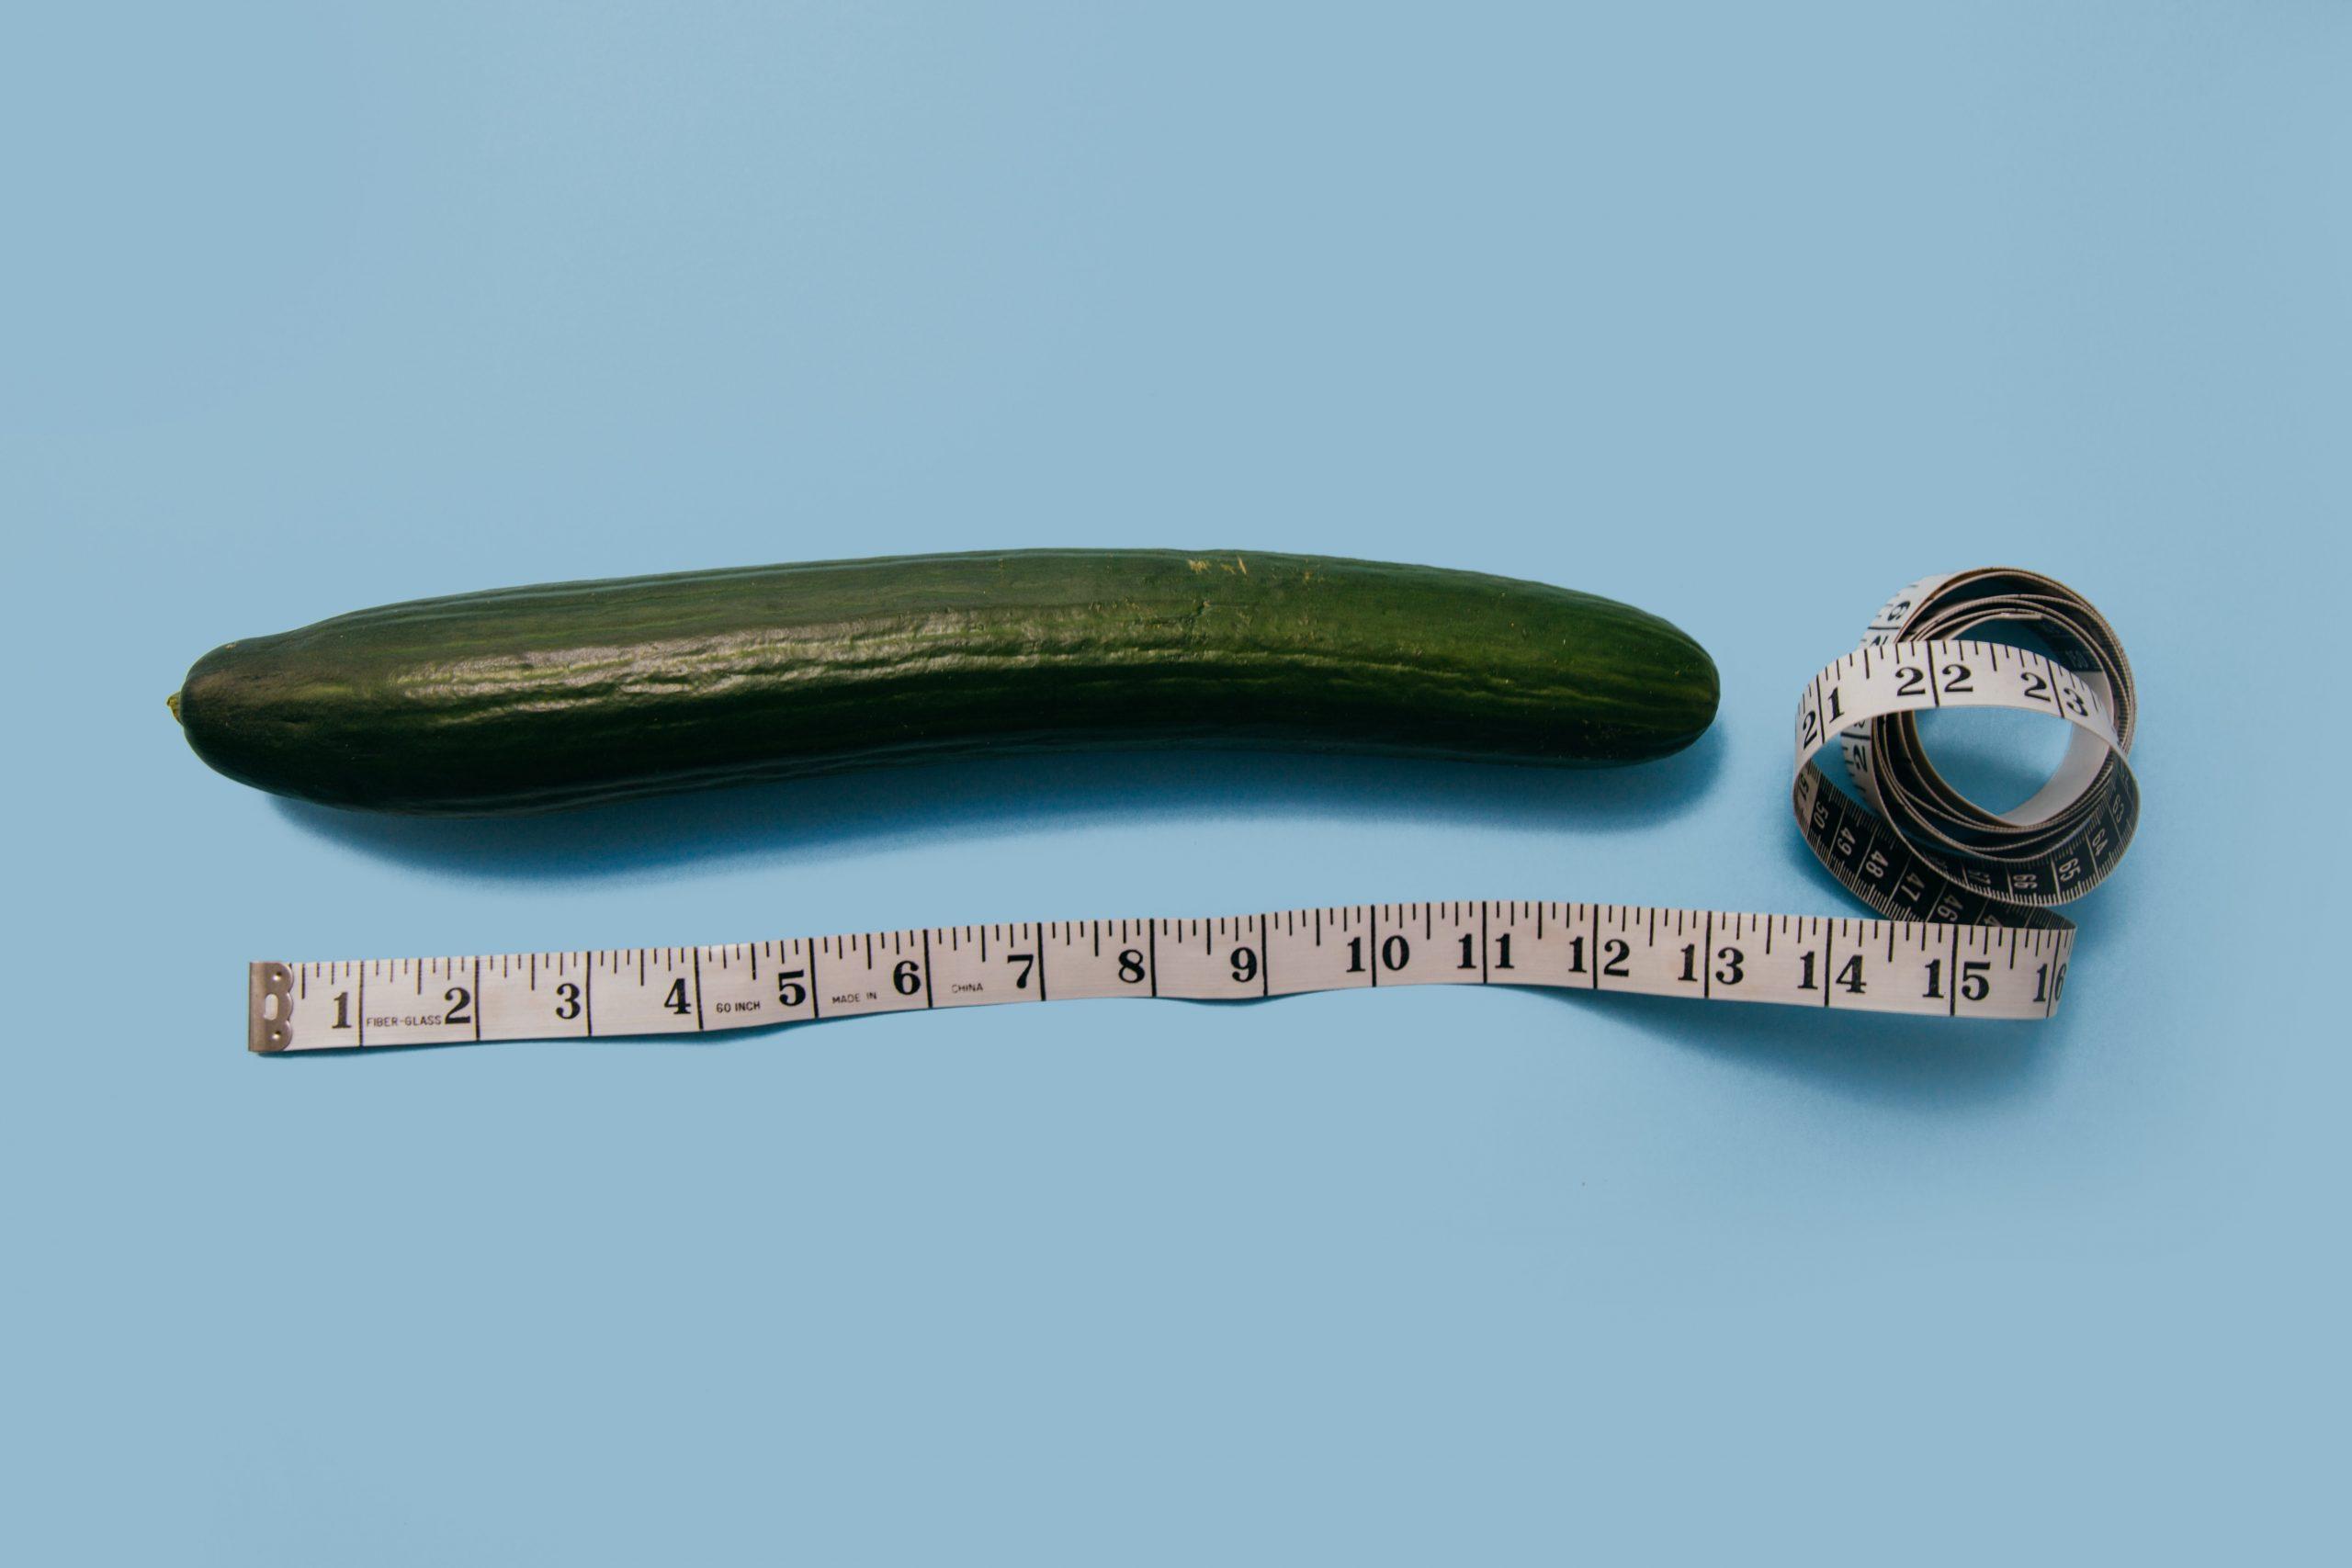 a pénisz mérete normális egy lány esetében